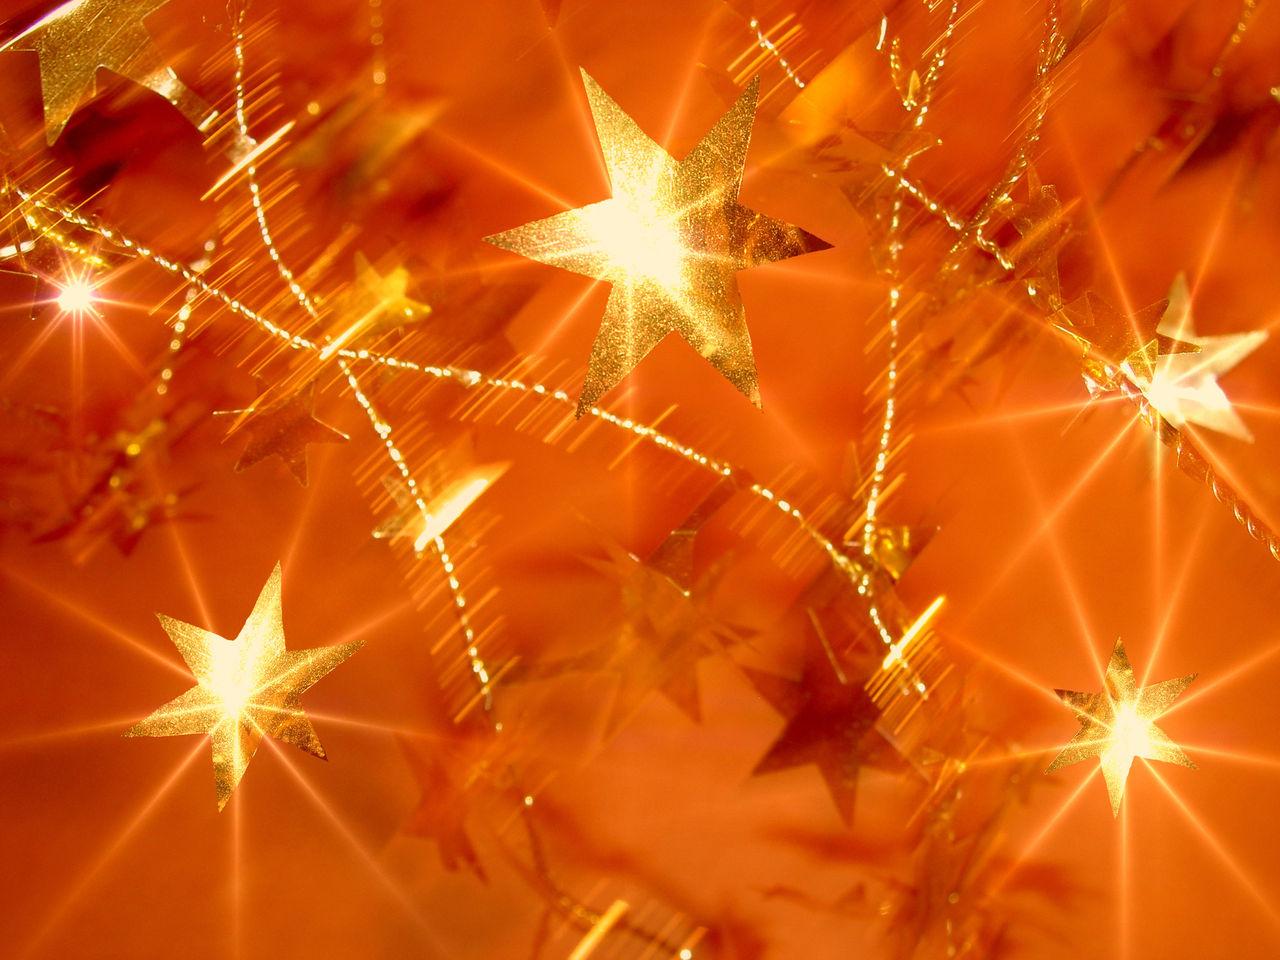 bild weihnachtssterne sterne weihnachten fotografie von walter j pilsak bei kunstnet. Black Bedroom Furniture Sets. Home Design Ideas